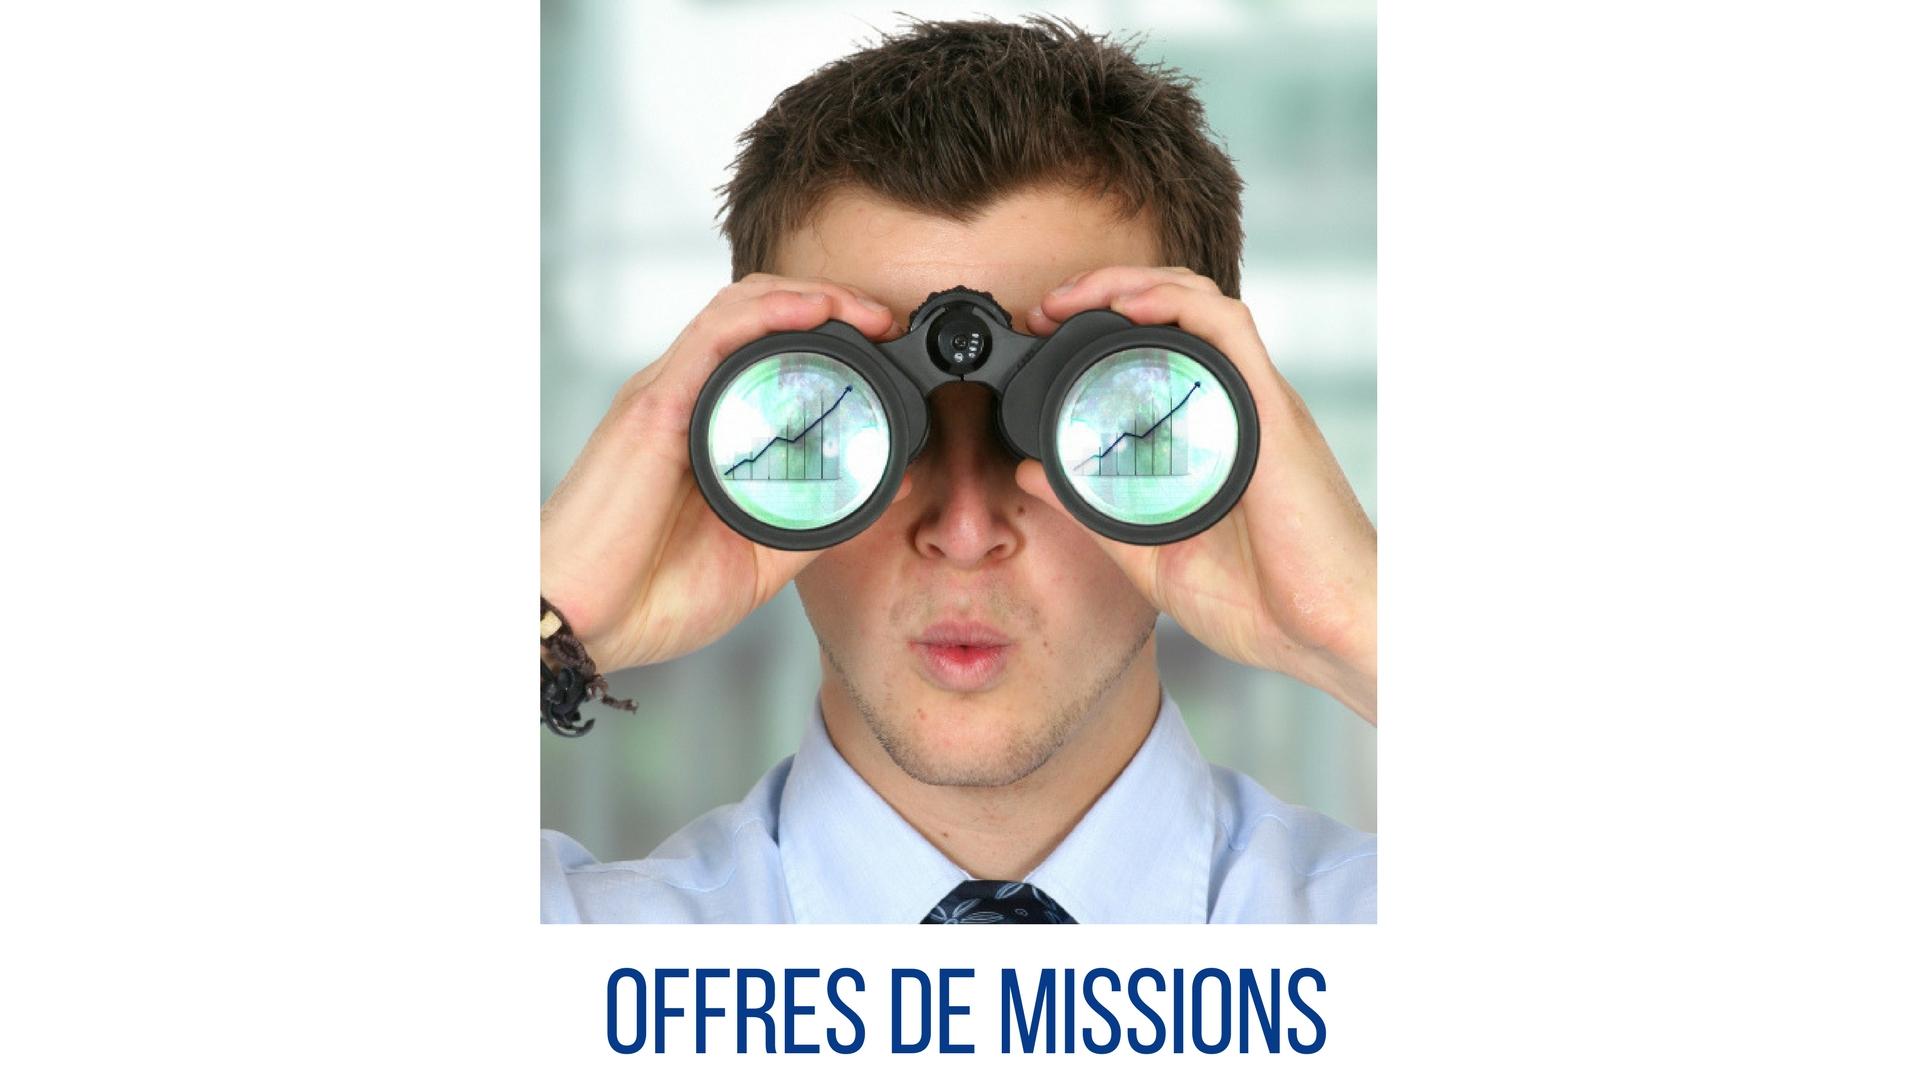 Offres de missions